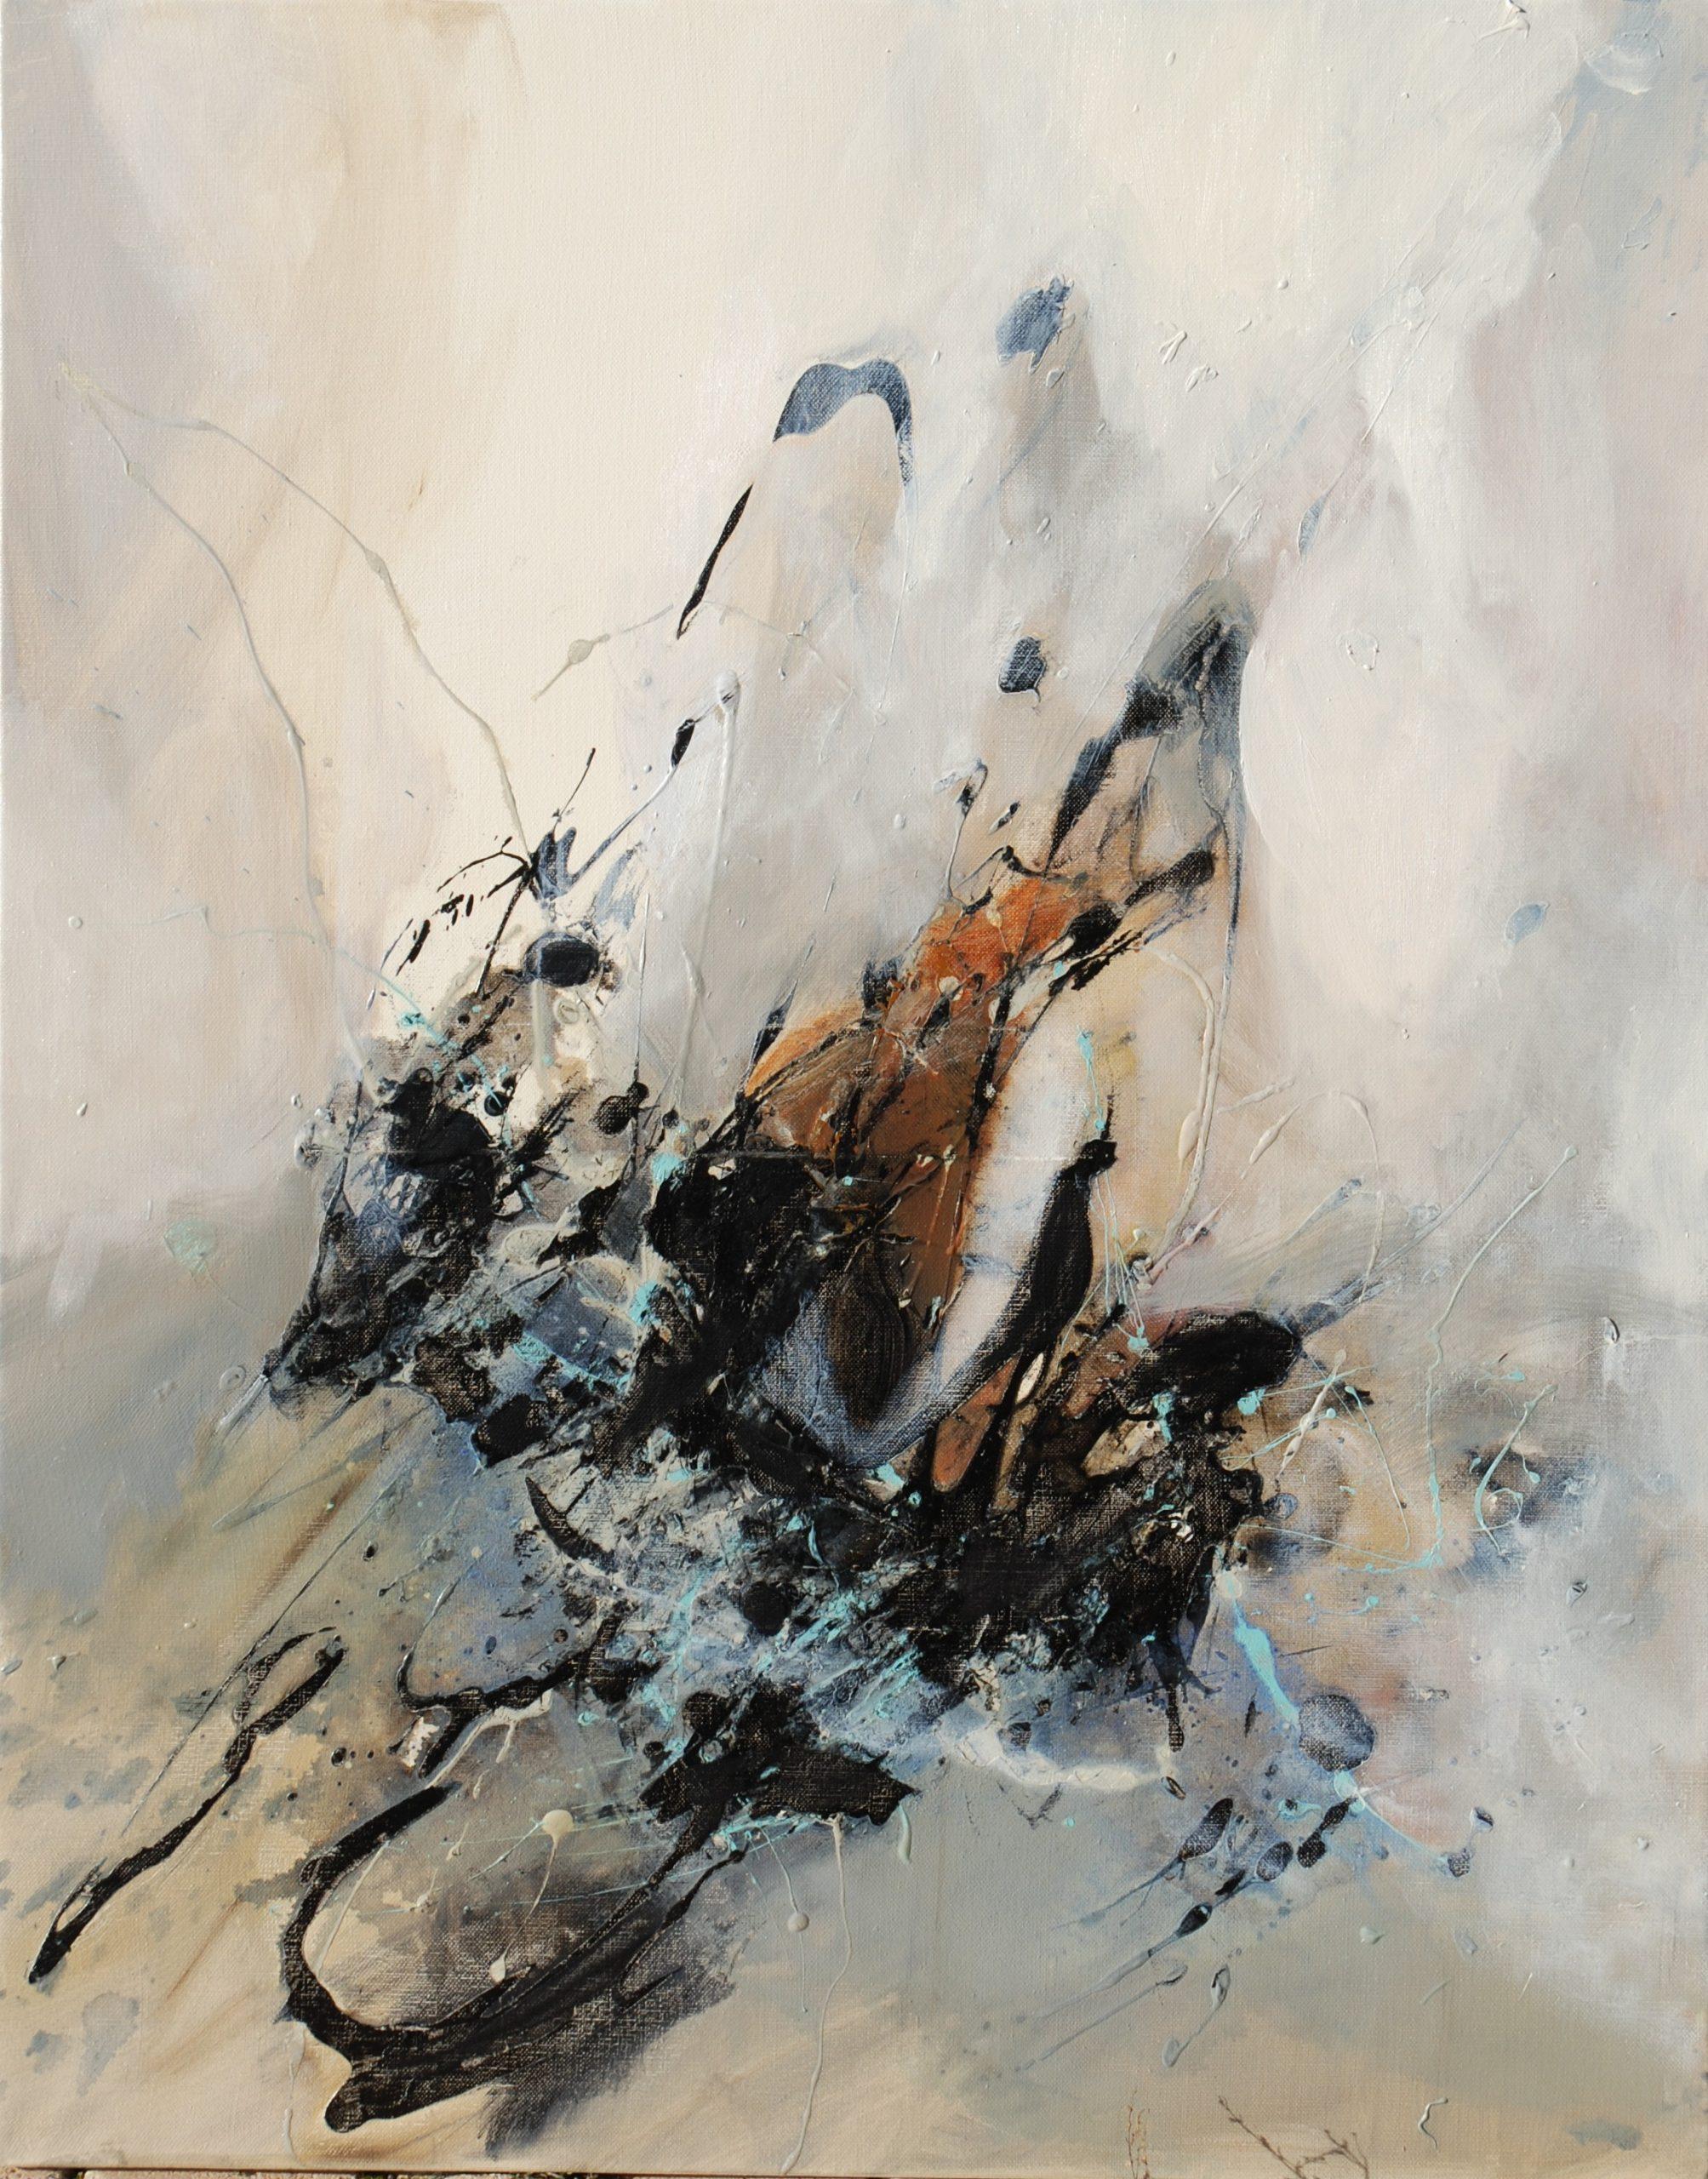 sans titre huile sur toile  92x73 cm  collection privée